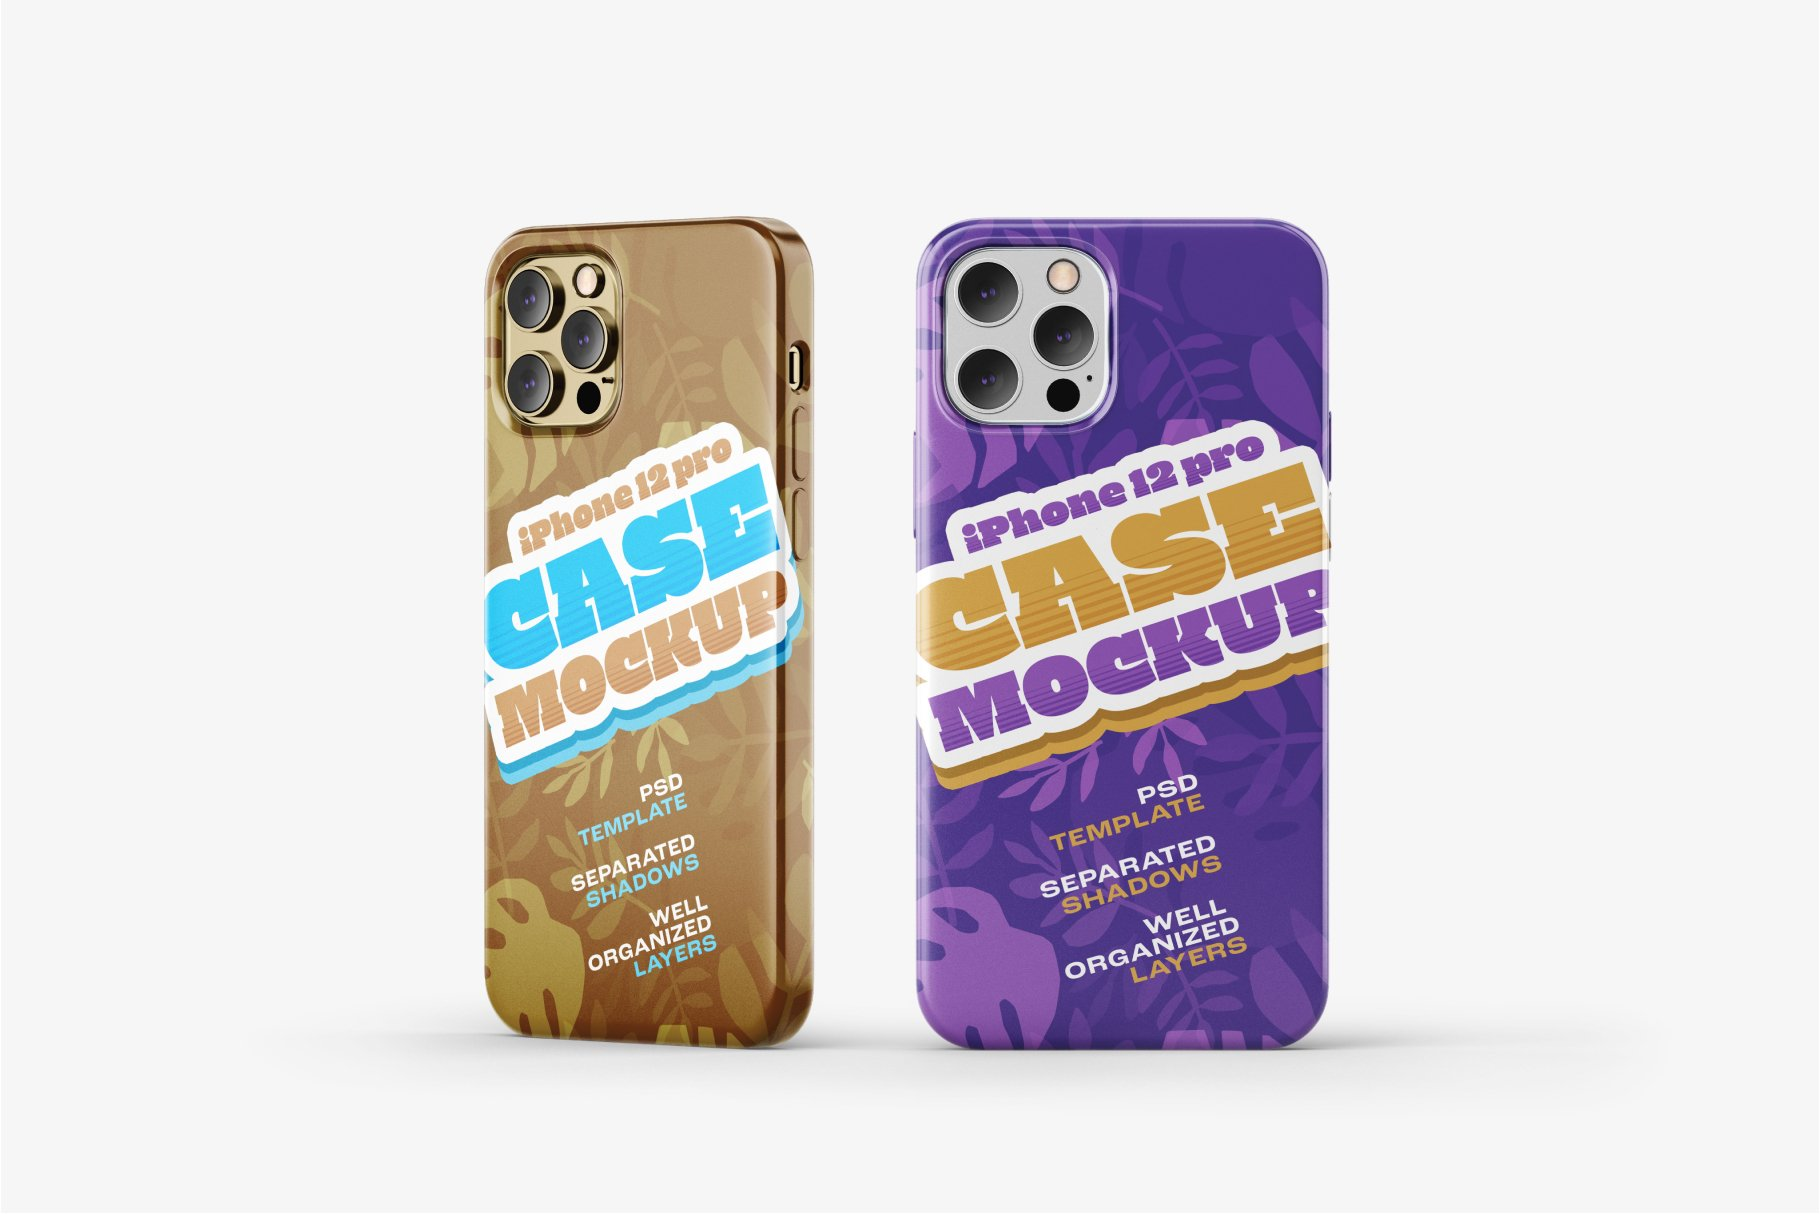 14款iPhone 12 Pro手机壳外观设计展示样机合集 iPhone 12 Pro Case Mockup Set插图9